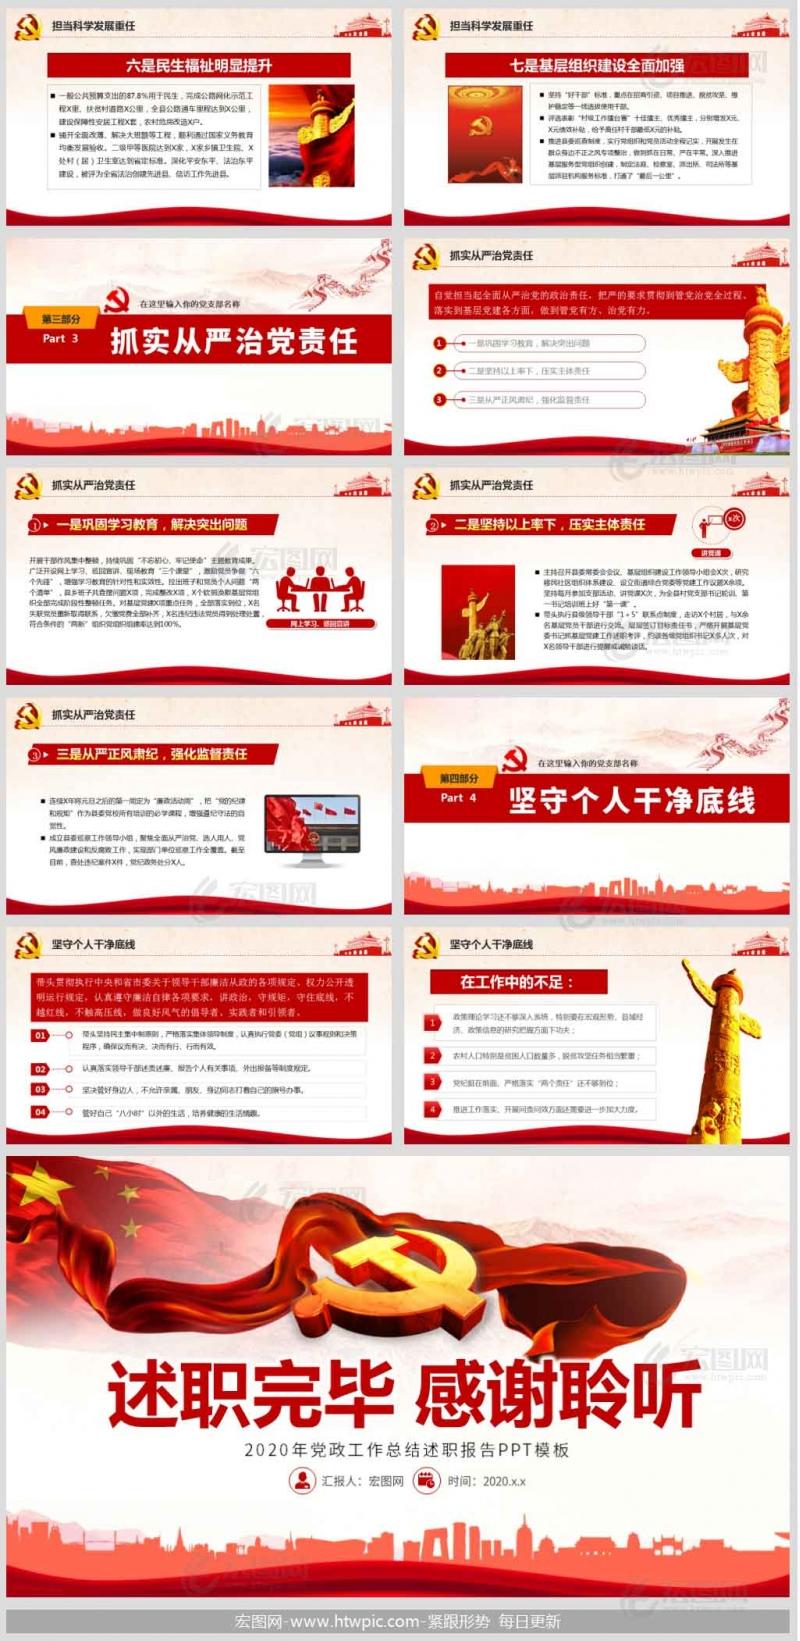 2020年县委书记党政工作总结述职述廉报告PPT模板